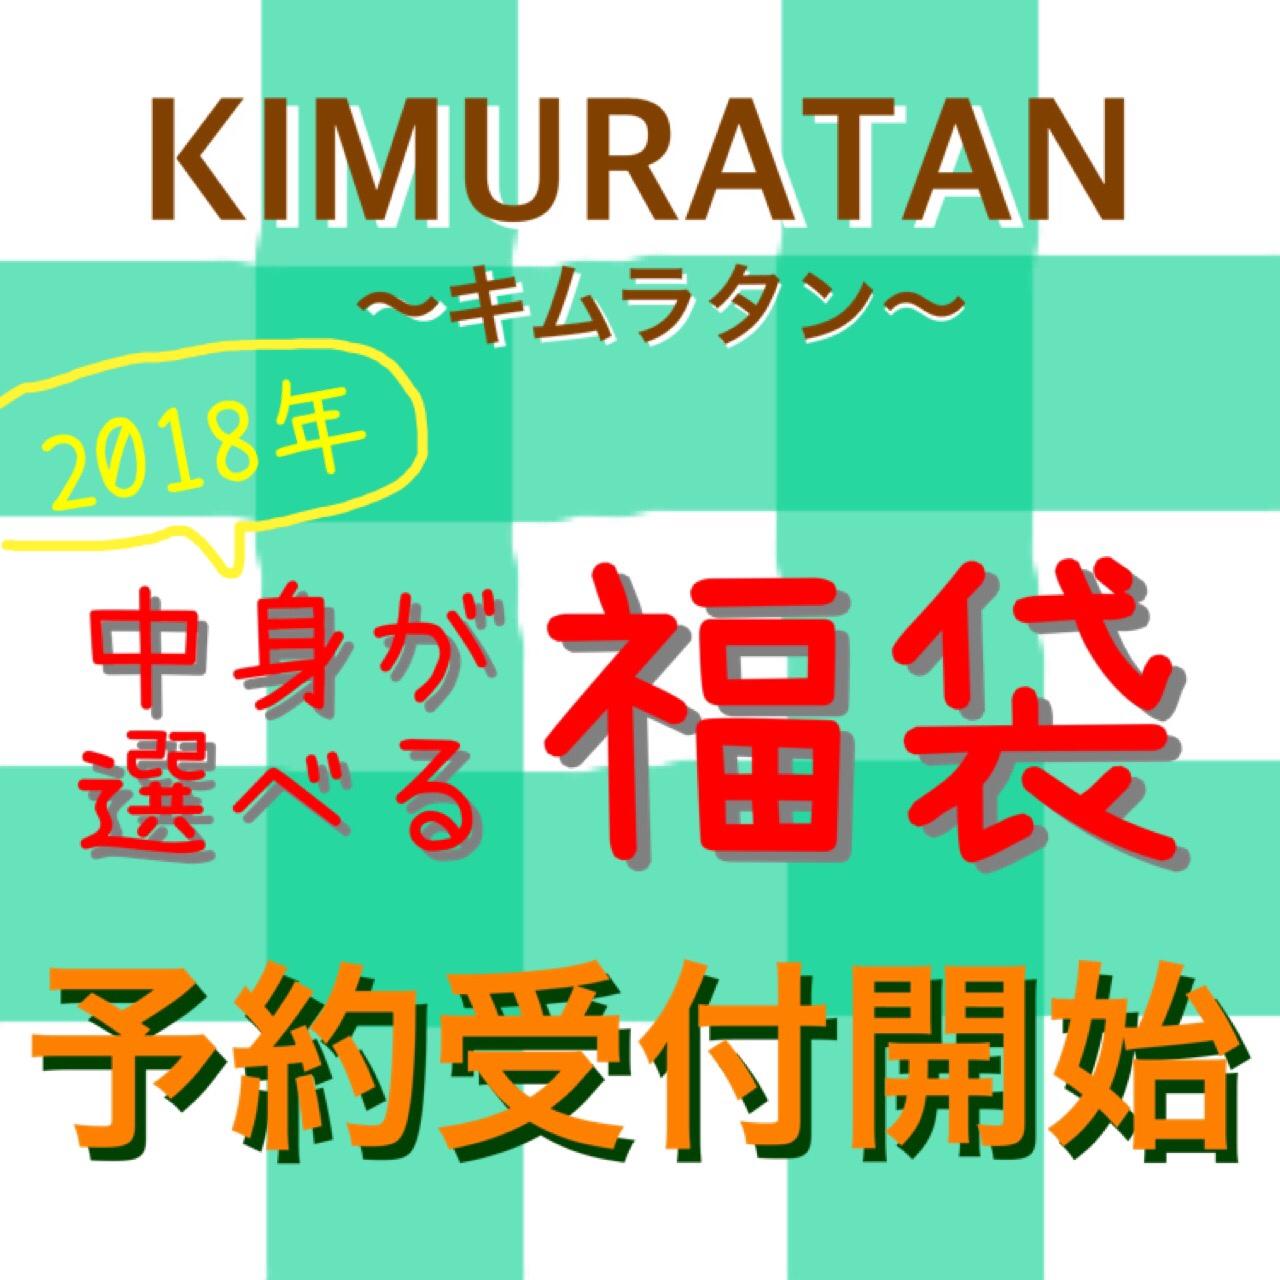 【キムラタン】2018年福袋予約受付開始!